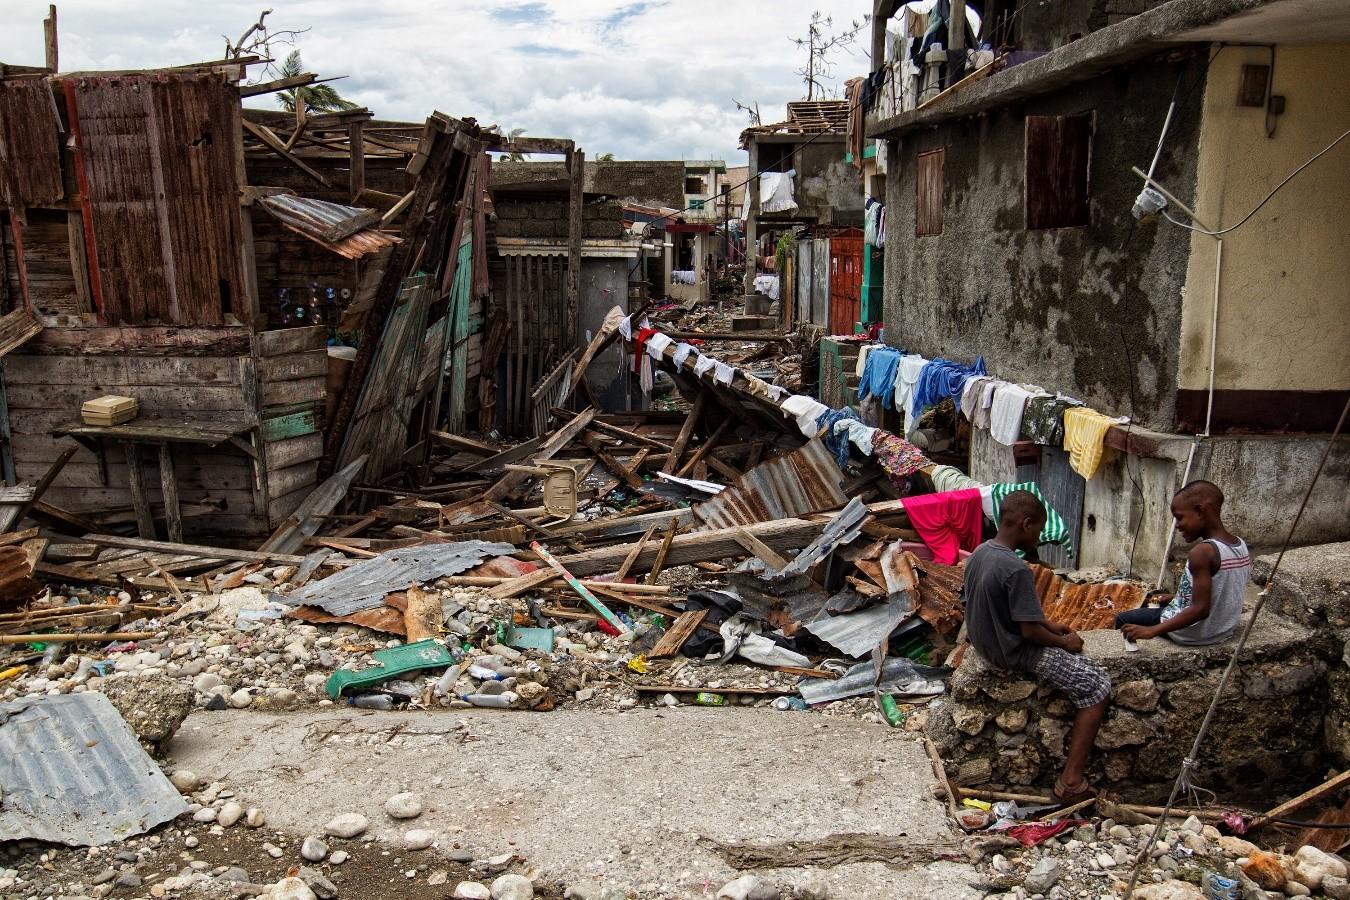 """Imagen: gran devastación por los fuertes vientos del huracán """"Matthew"""" en la costa occidental de Haití. Niños y adultos mayores siempre son los grupos más afectados."""